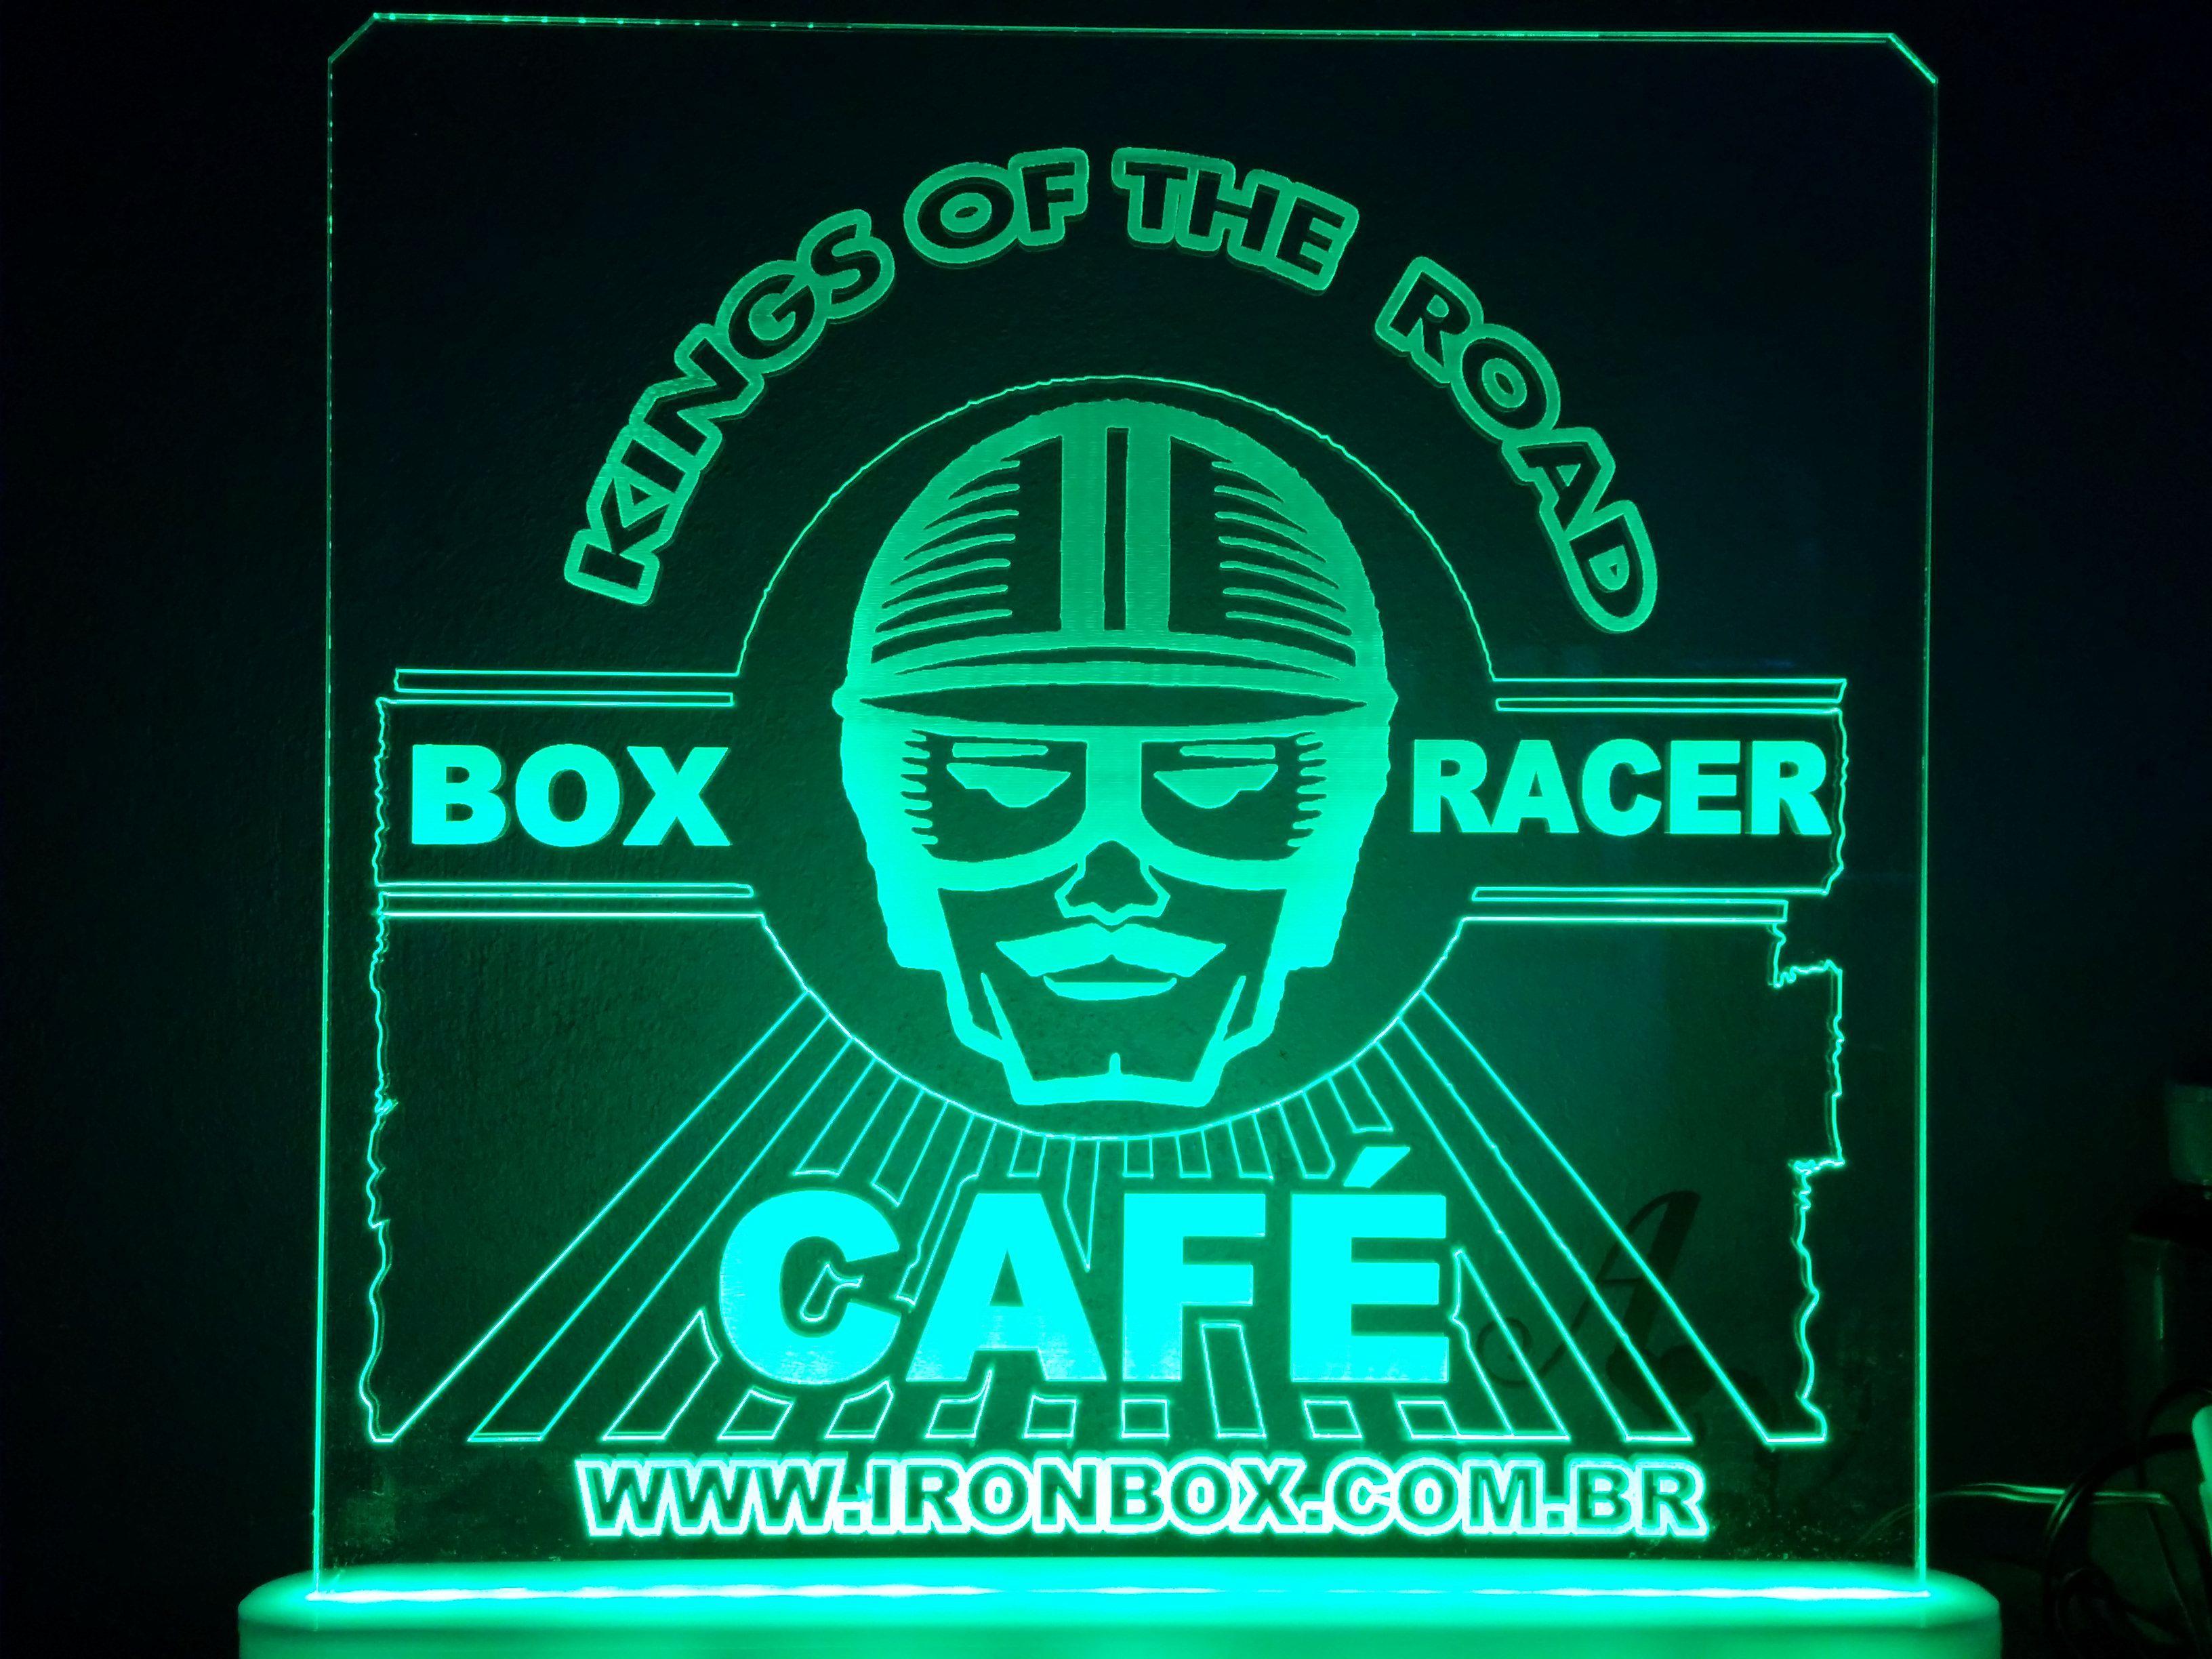 Luminoso de recepção Box Racer Café em  Iron Box Motos de Porto Alegre RS